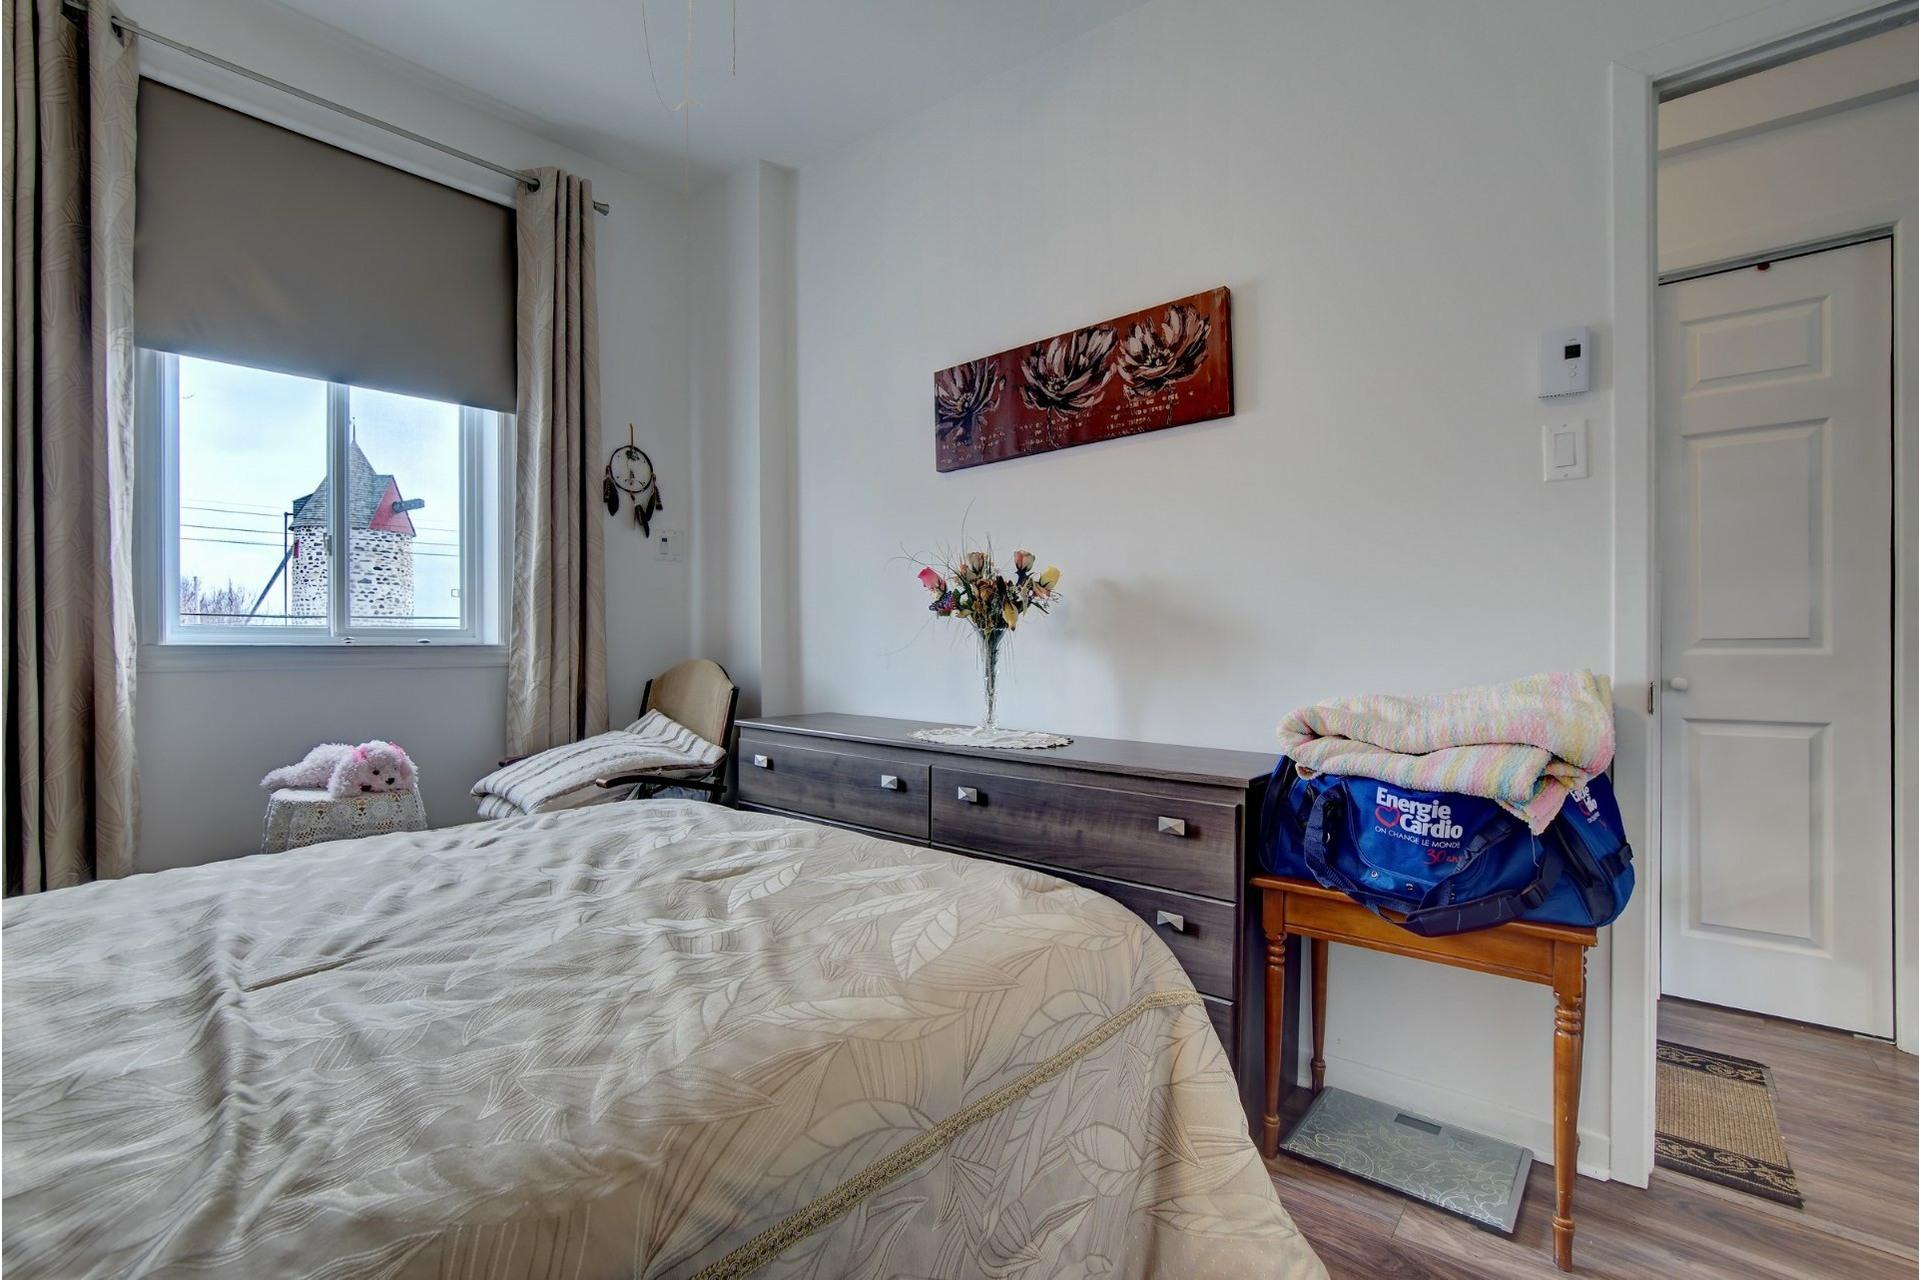 image 14 - Quadruplex For sale Rivière-des-Prairies/Pointe-aux-Trembles Montréal  - 4 rooms